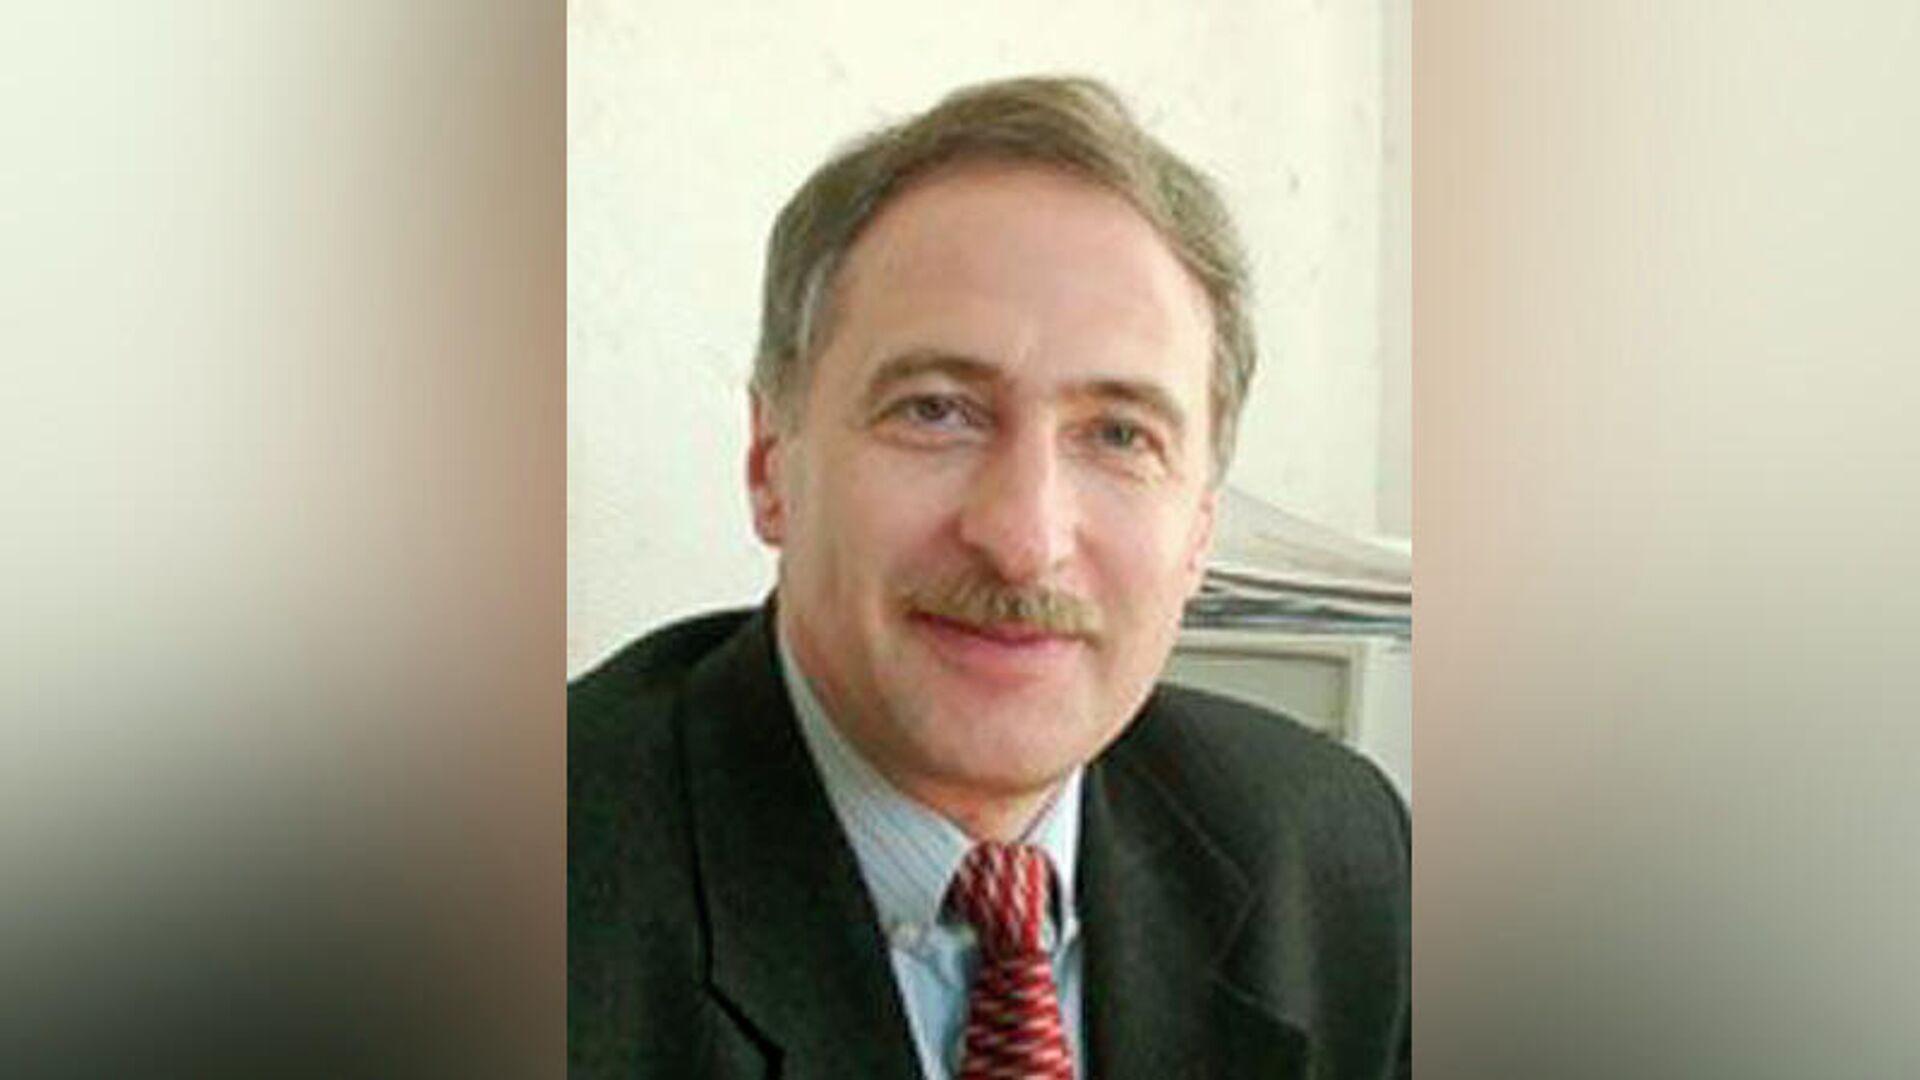 Суд продлил до зимы арест ученому Куранову, обвиняемому в госизмене